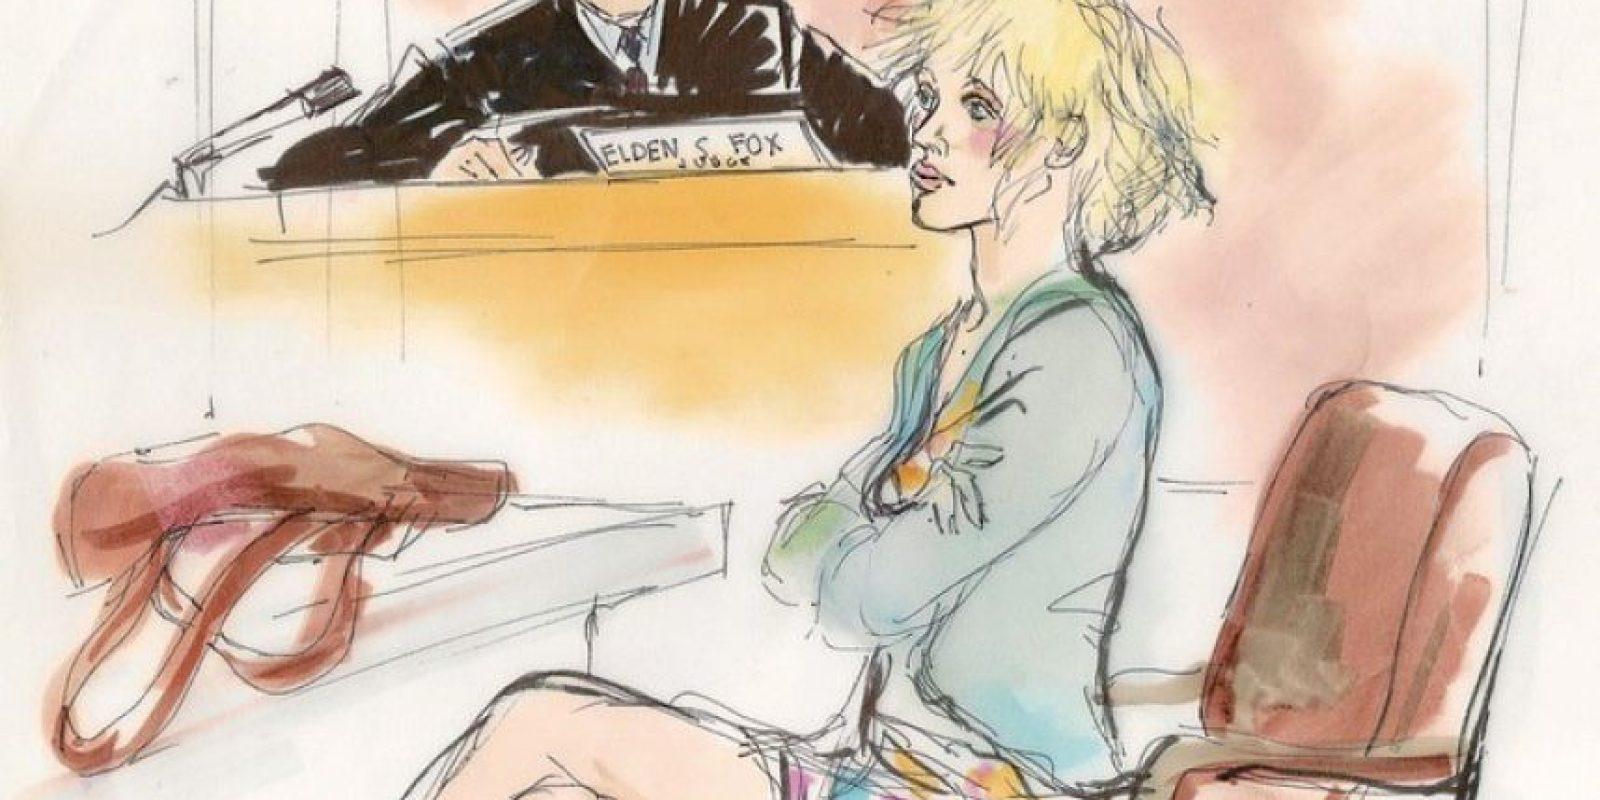 Quien fuera esposa de Kurt Cobain visitó la Corte en 2004 acusada de conducta conflictiva y posesión de drogas Foto:Dibujado por Mona Edwards